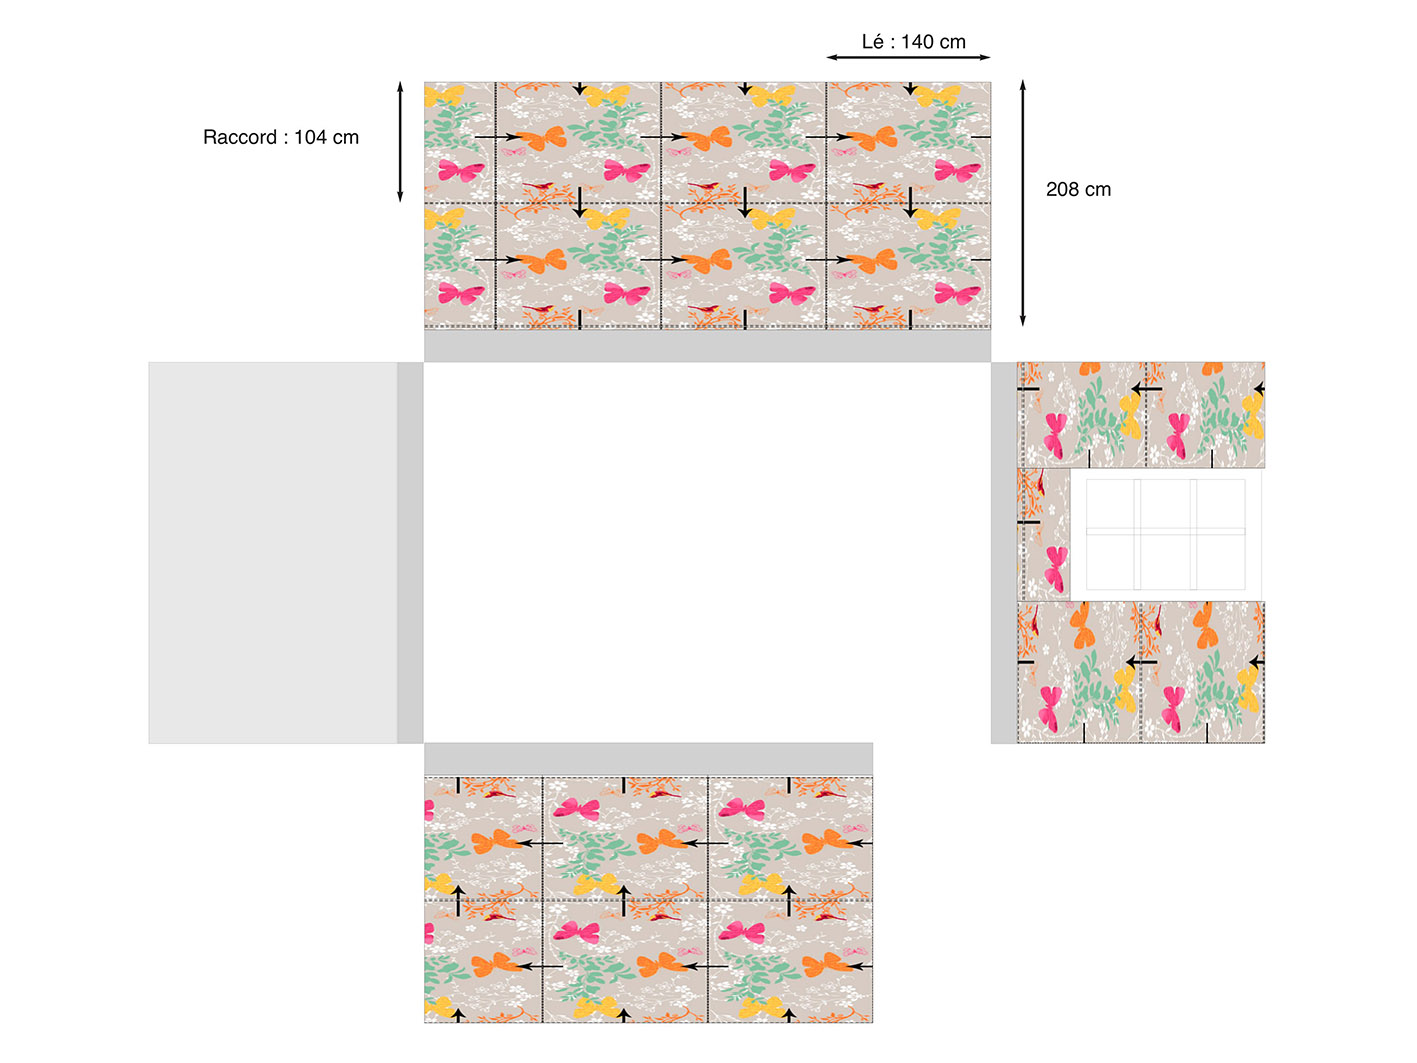 Calcul de mètrage tissus mural en fonction du raccord